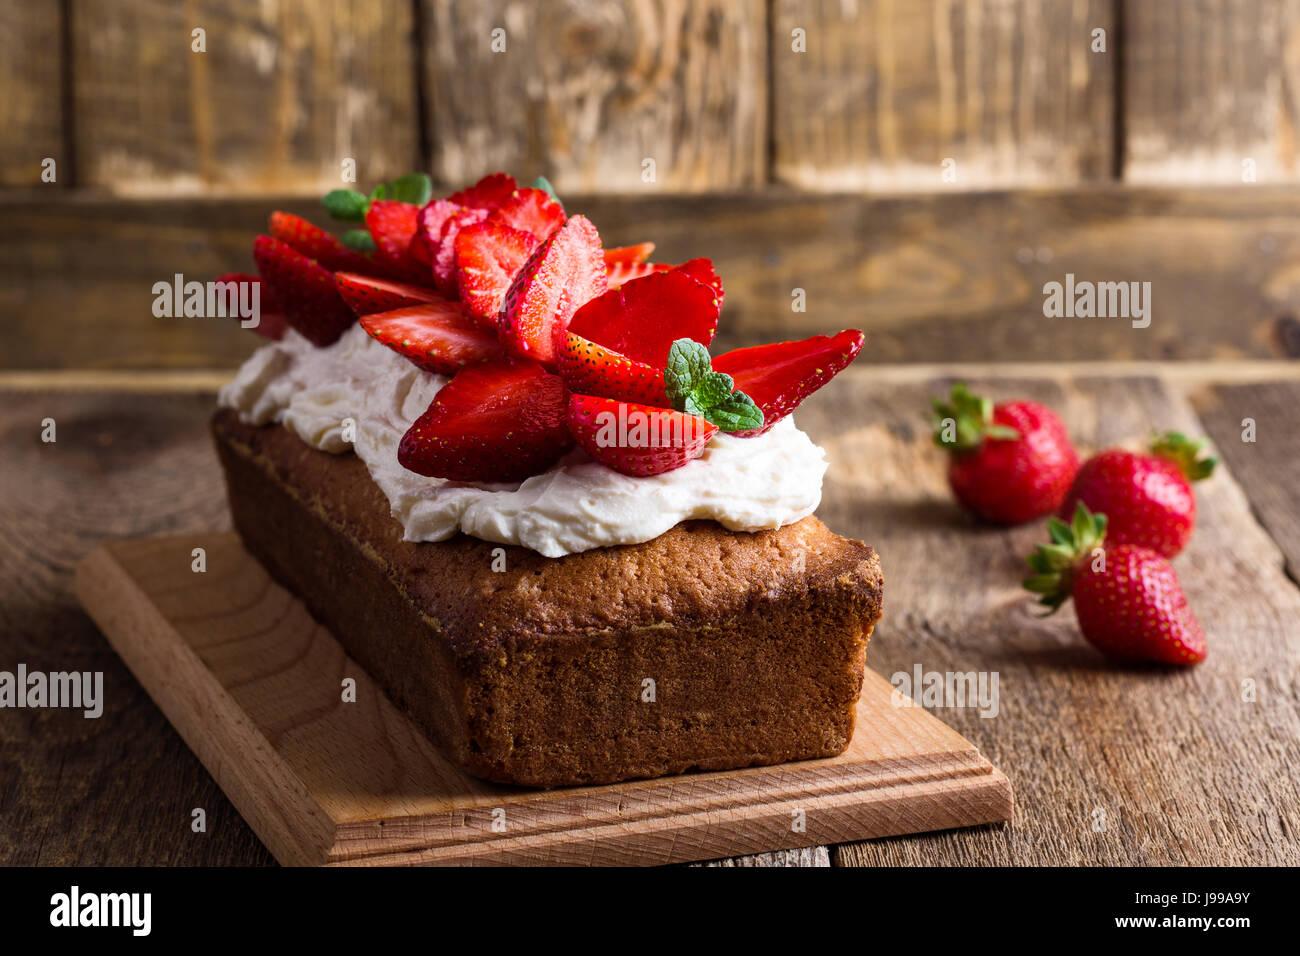 Fromage à la crème et aux fraises gâteau d'été sur planche de bois. L'été Photo Stock